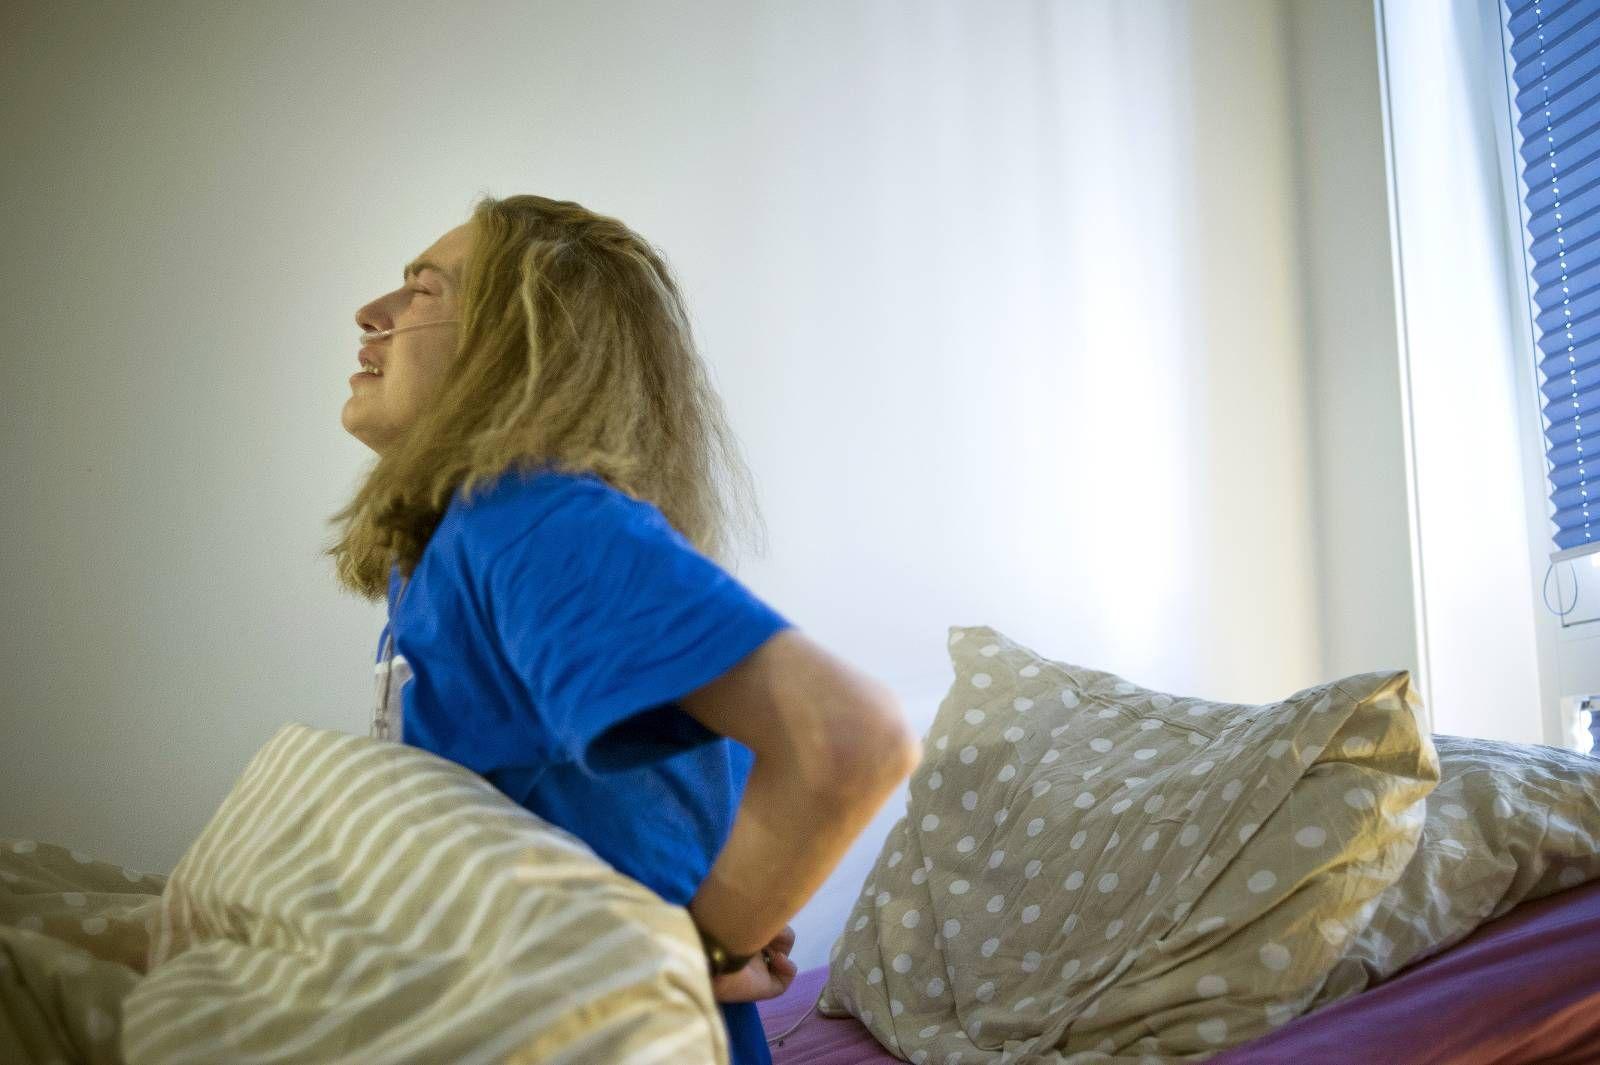 KJEMPET: Siv Tove Pedersen (41) fikk flere ganger beskjed om at hun var uegnet for lungetransplantasjon fordi hun gikk på metadon.